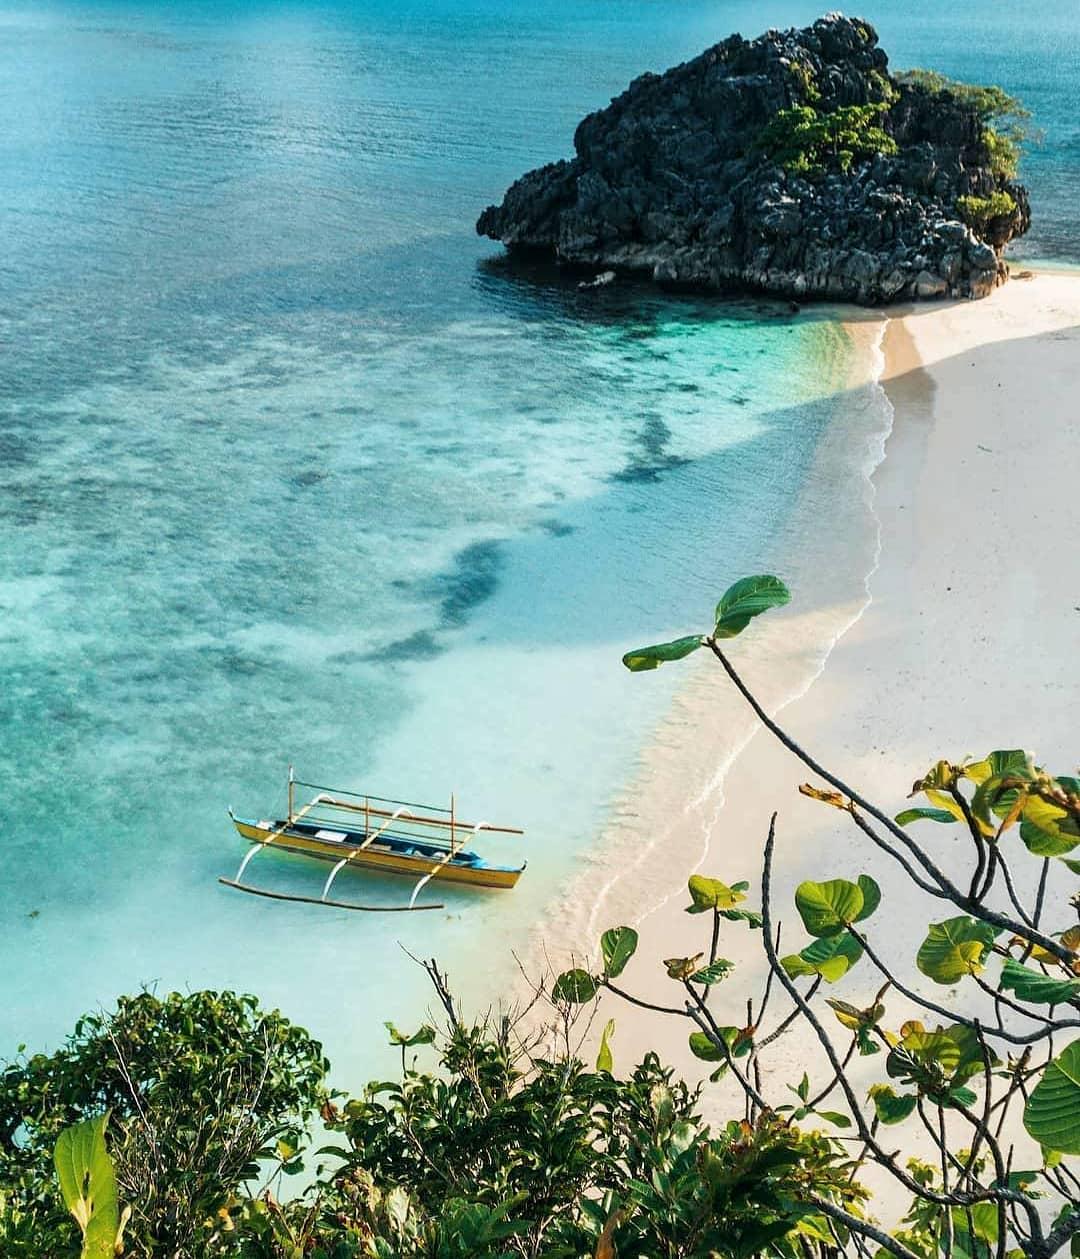 Phong cảnh biển đẹp hút hồn